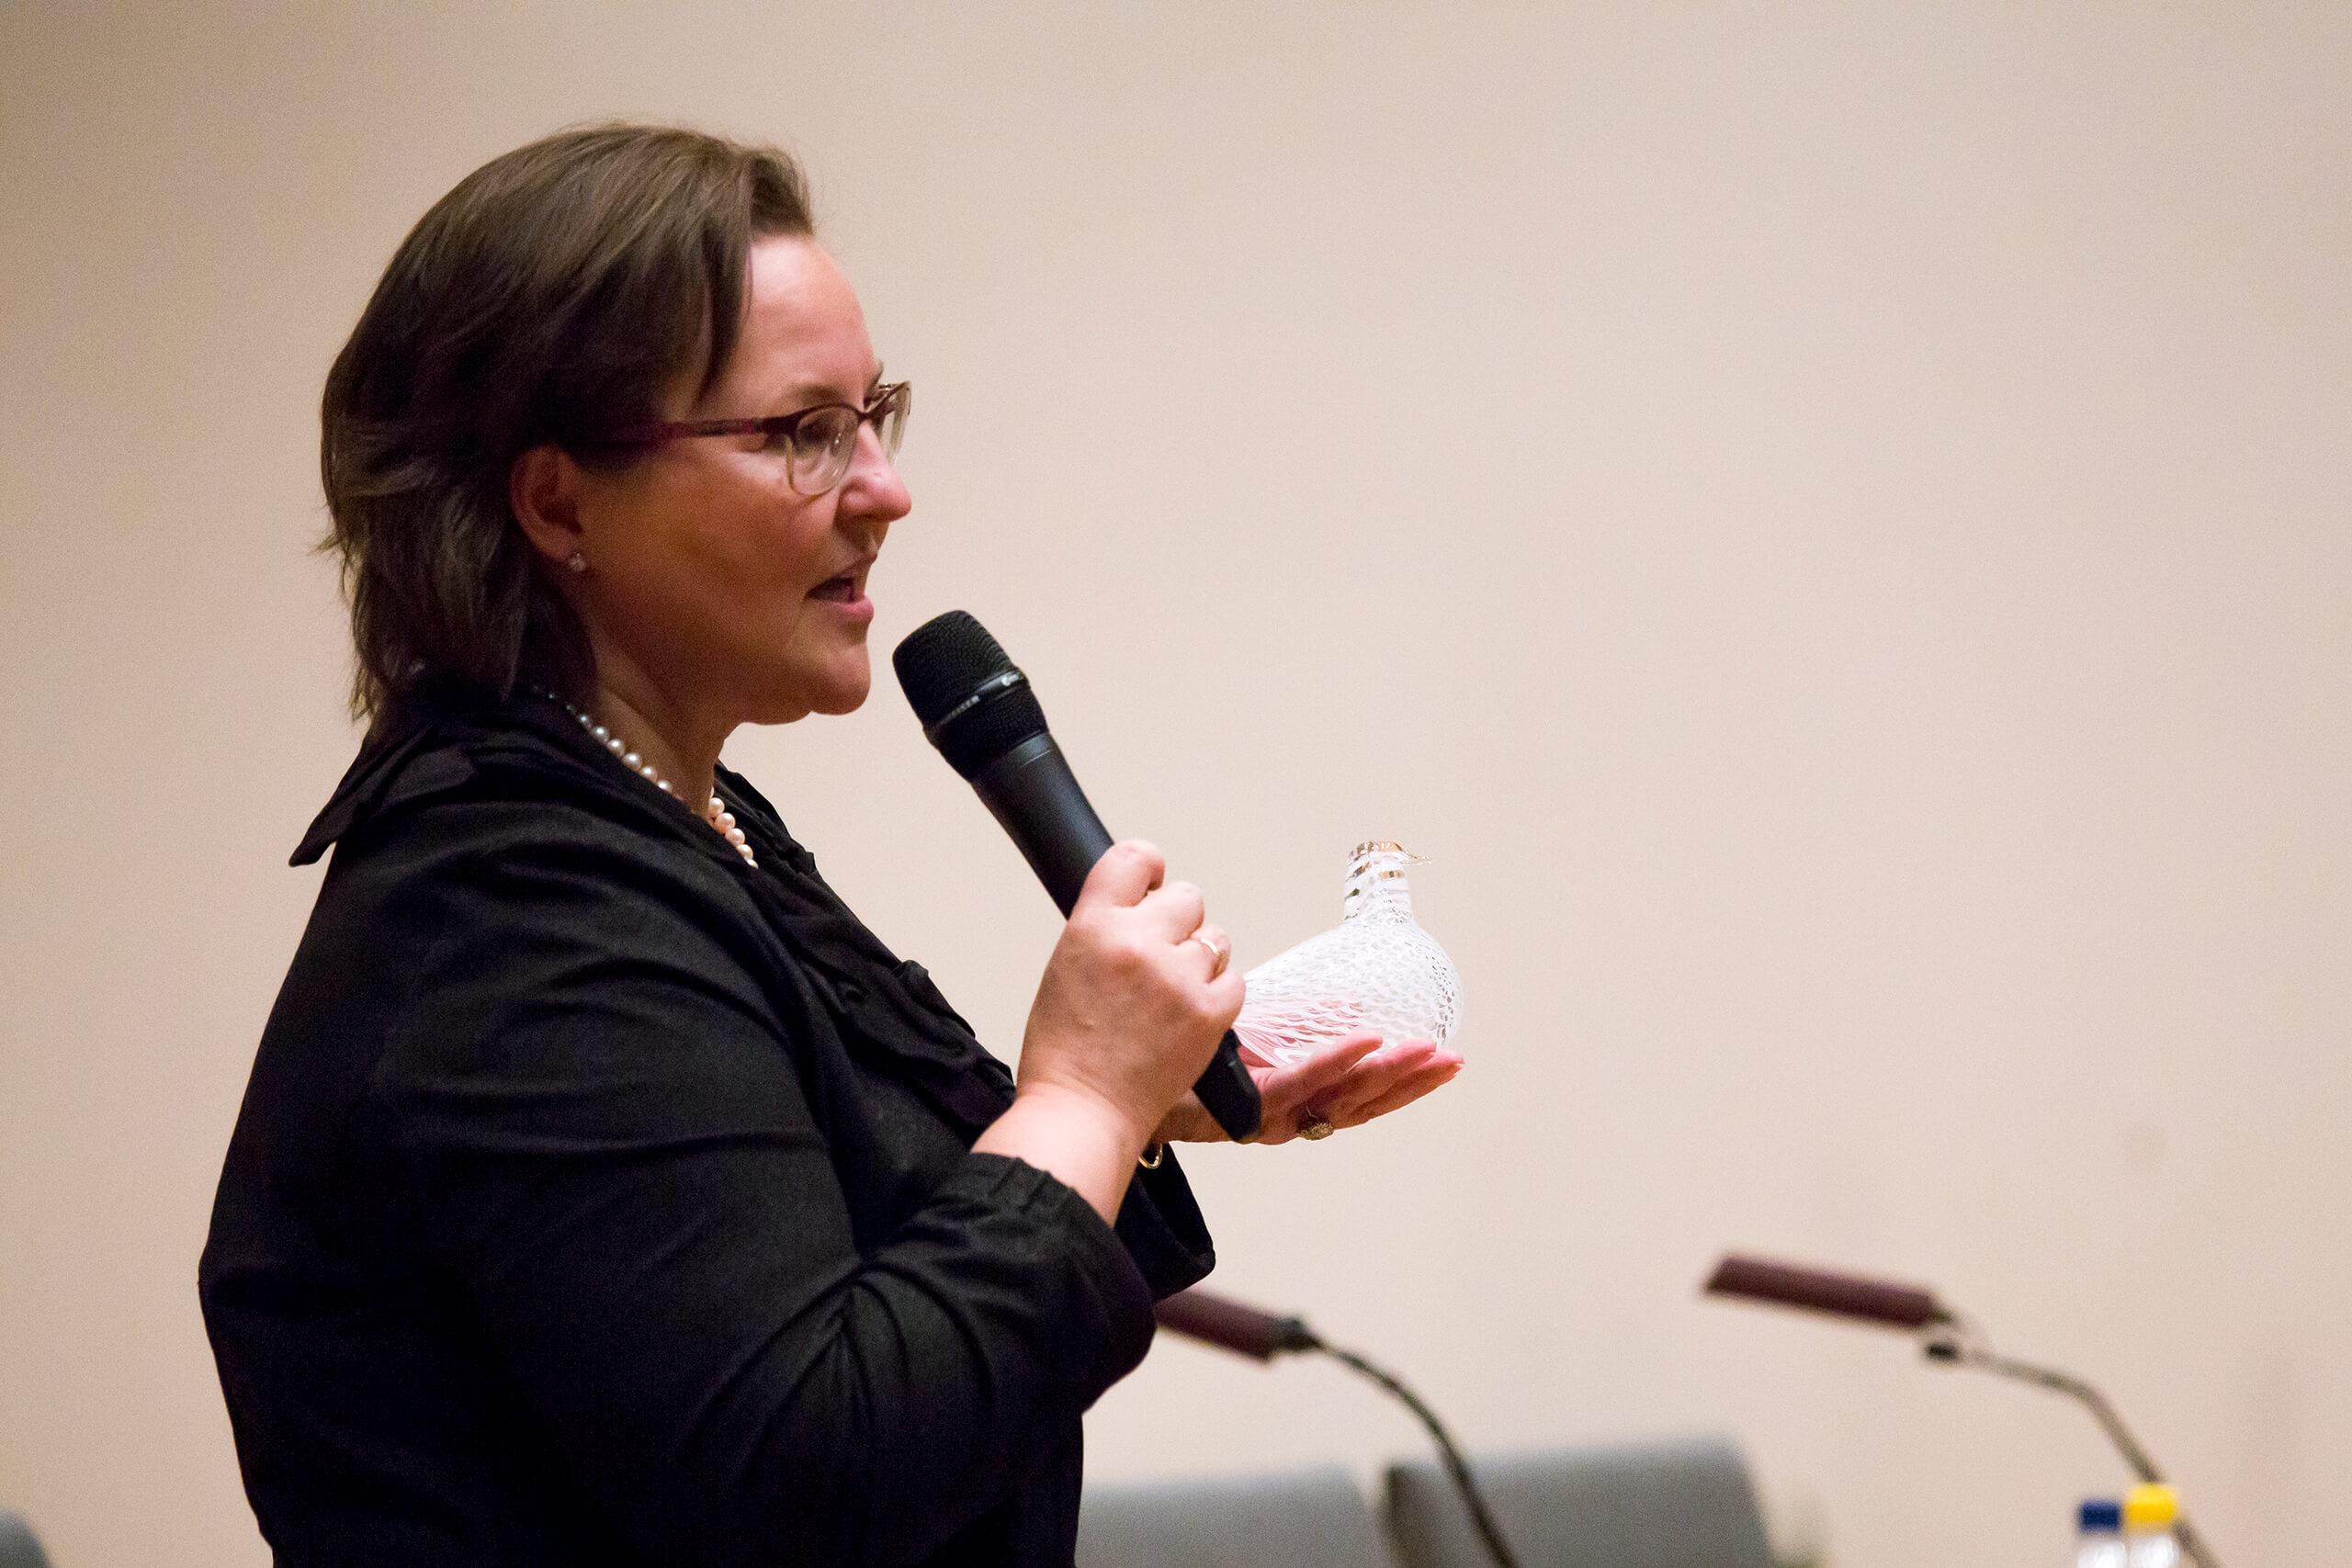 Vaasan kaupungin sivistystoimen toimialajohtaja Christina Knookala kiitti päivästä ja luovutti rauhankyyhkyn ensi vuoden emäntäkaupungille Espoolle. Kuva: Satu Aaltonen